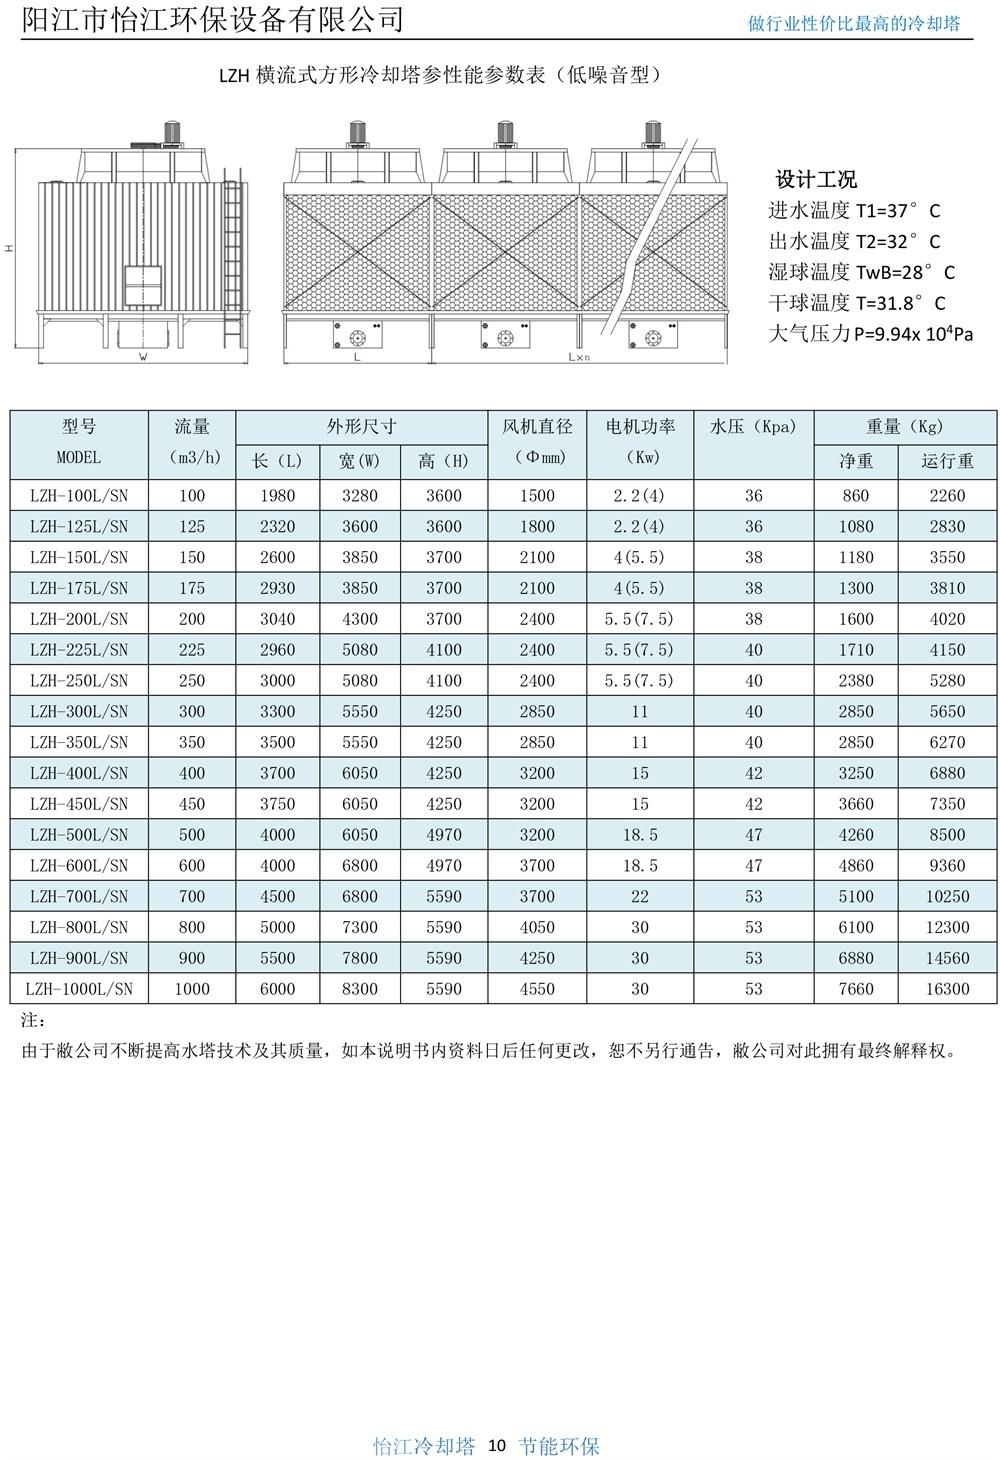 產品手冊(彩頁)3-10.jpg